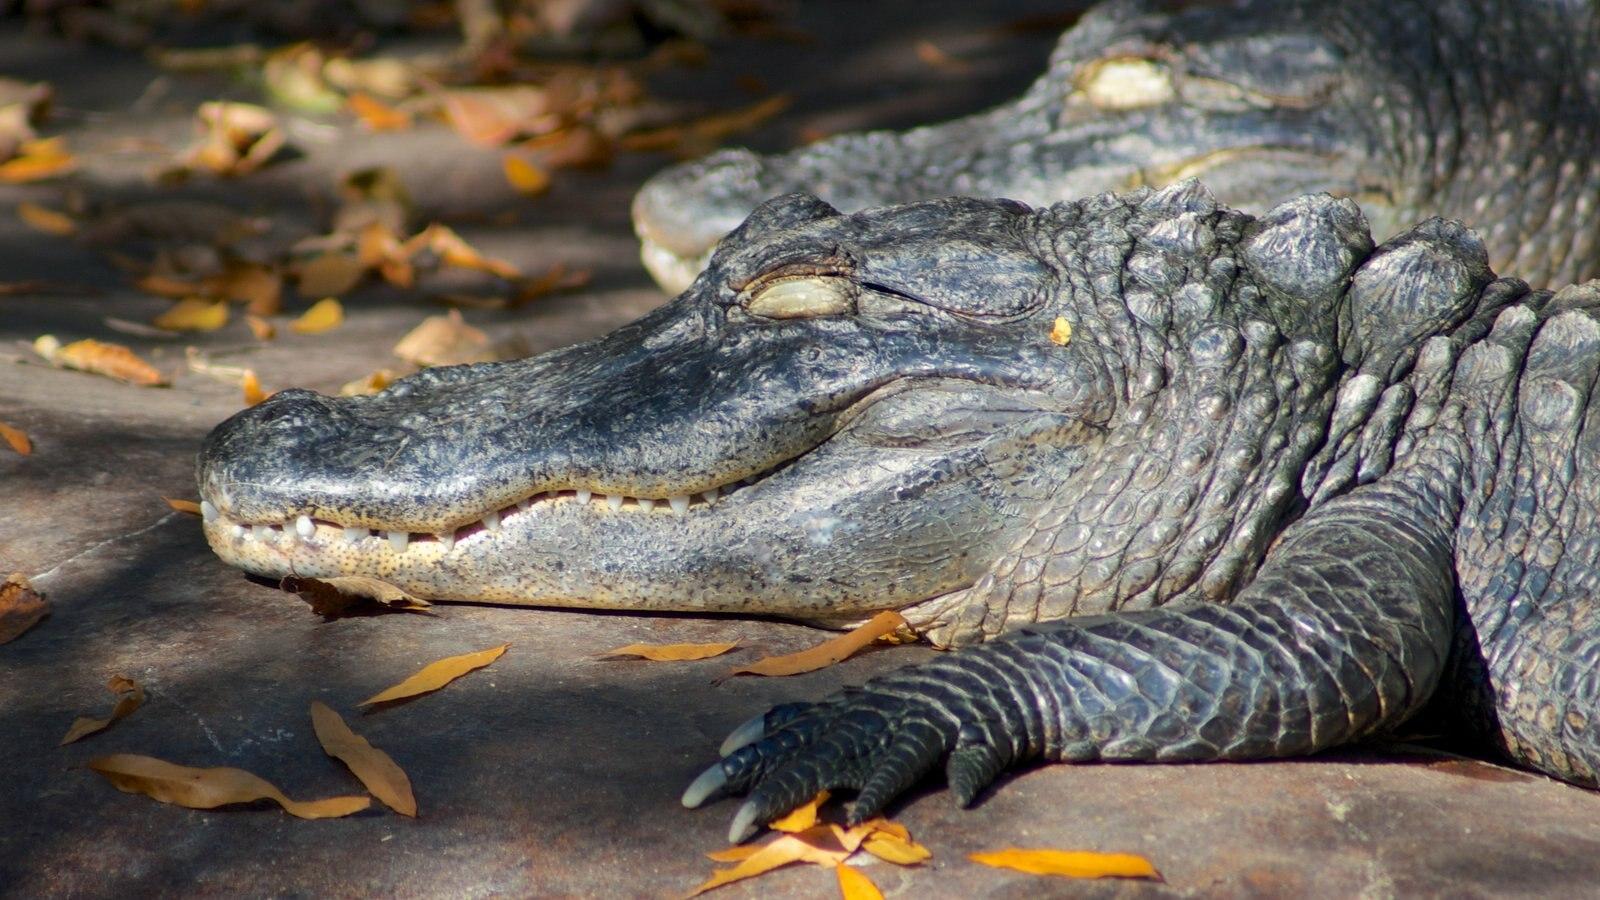 Nashville Zoo mostrando animales peligrosos y animales del zoológico